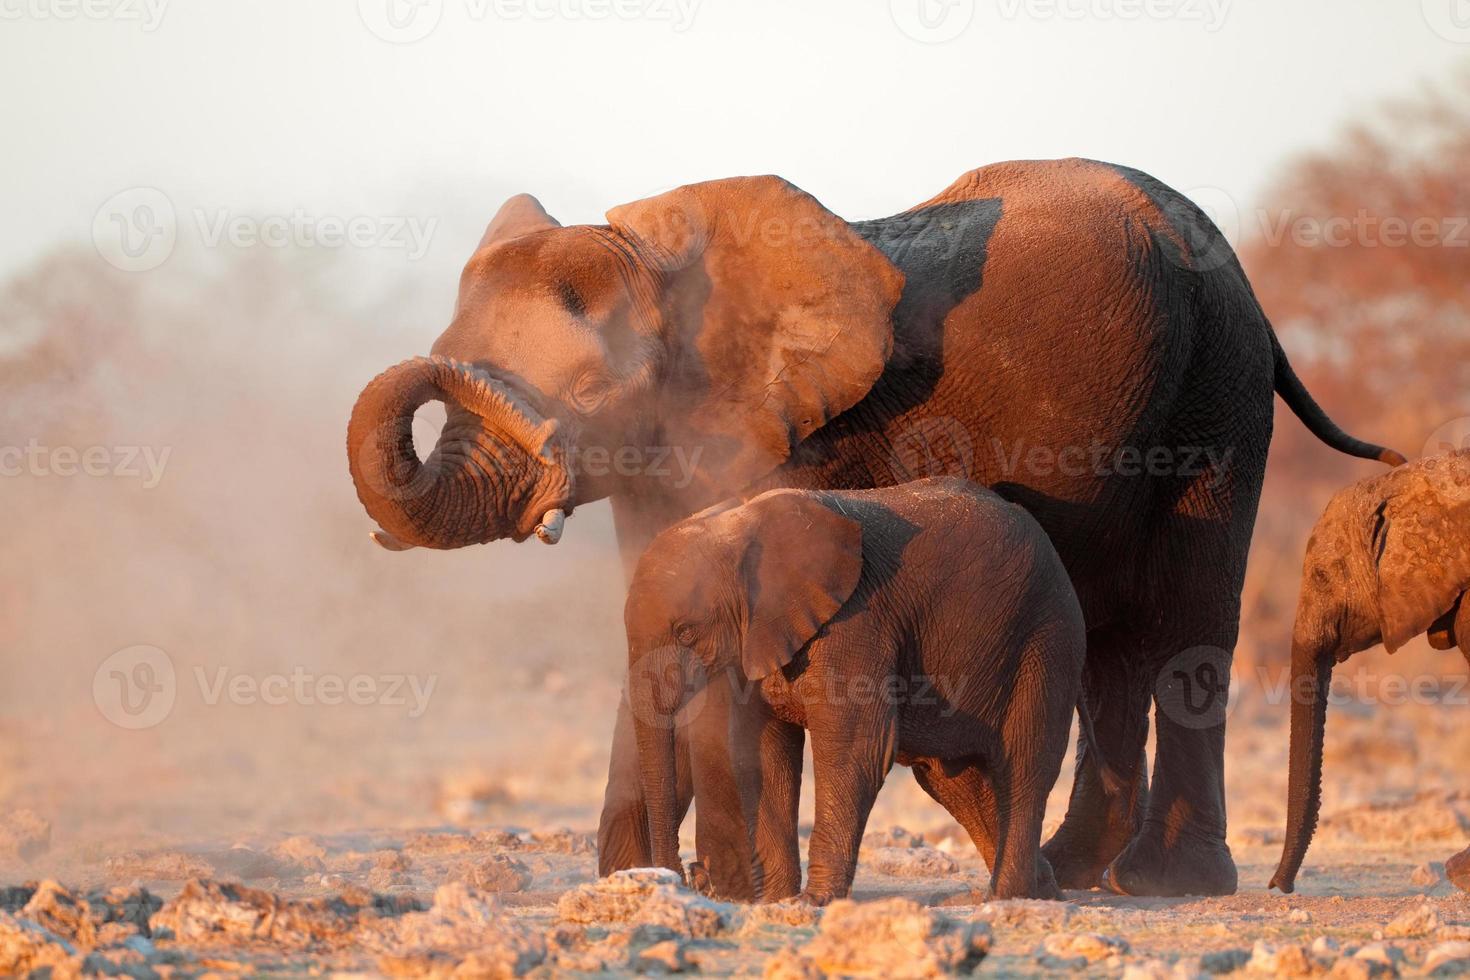 elefanti africani coperti di polvere foto